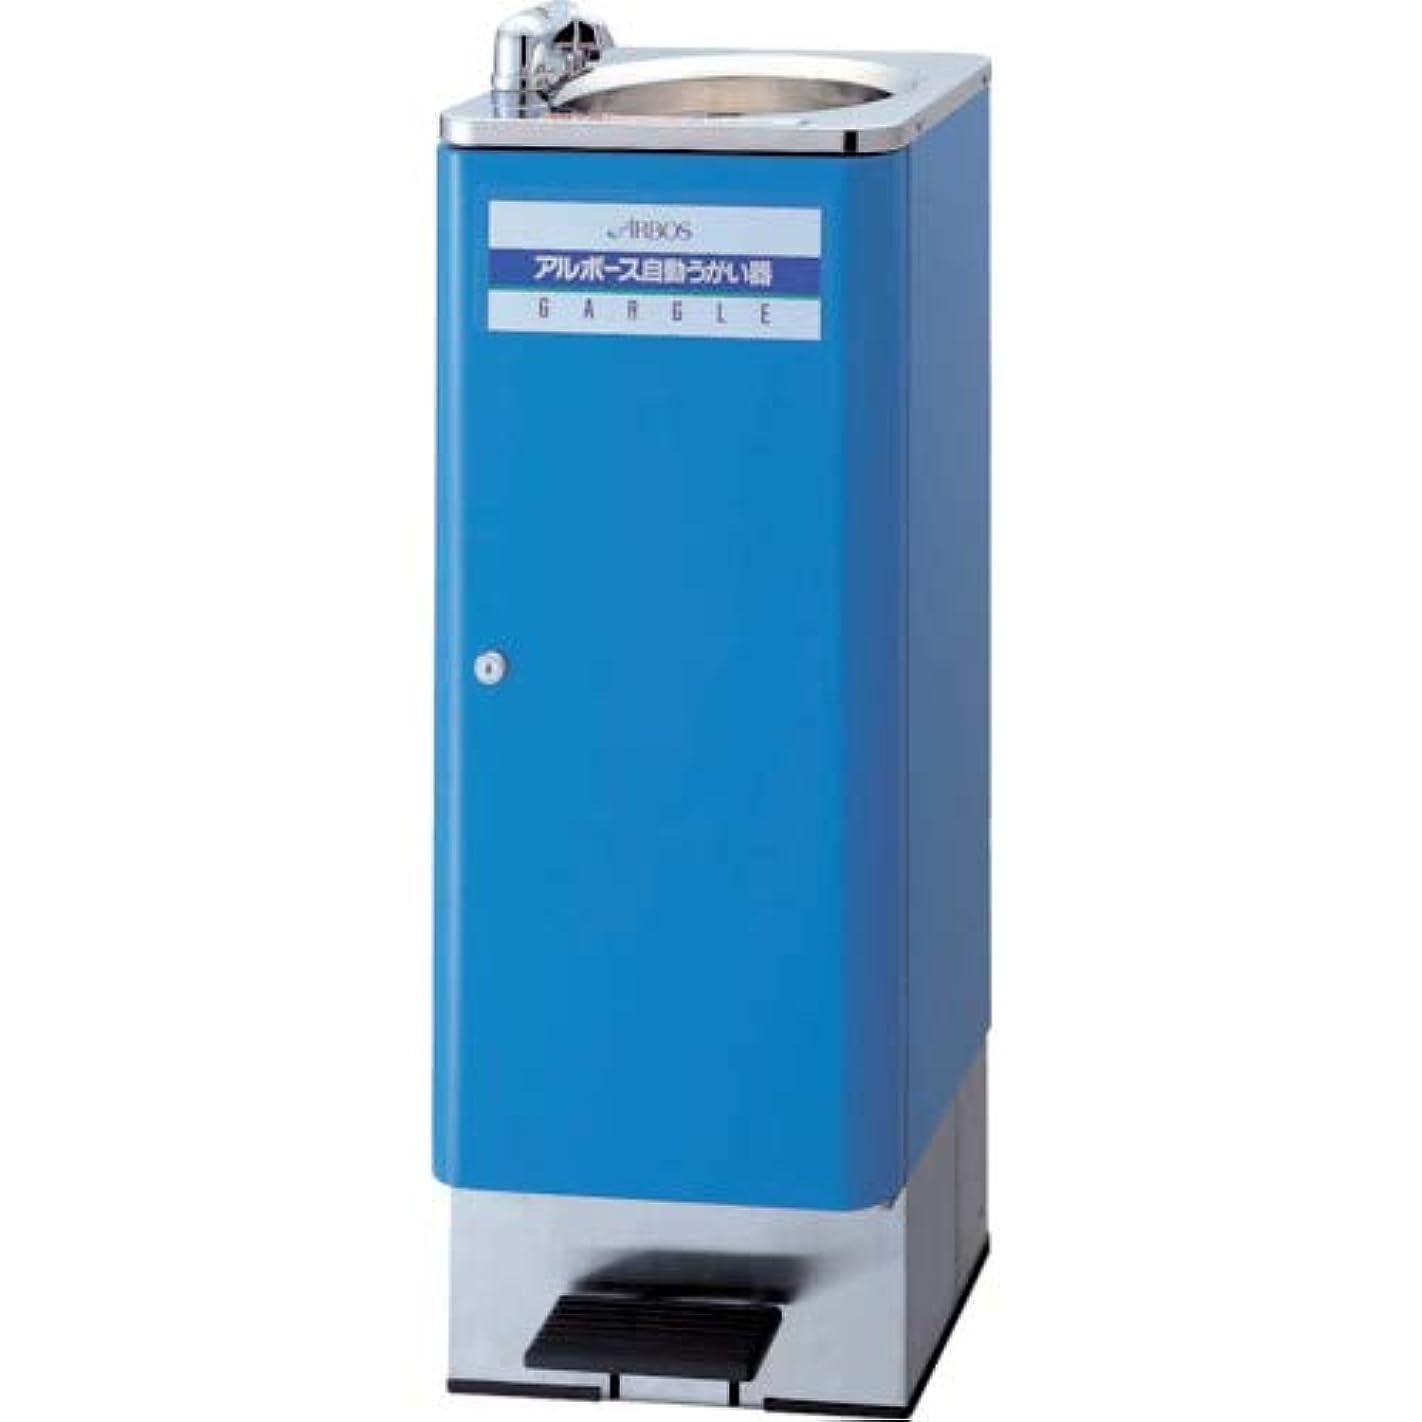 取り除くペルセウス溶融【メーカー直送】アルボース アルボース自動うがい器GL- 51172-1348 【4550528】